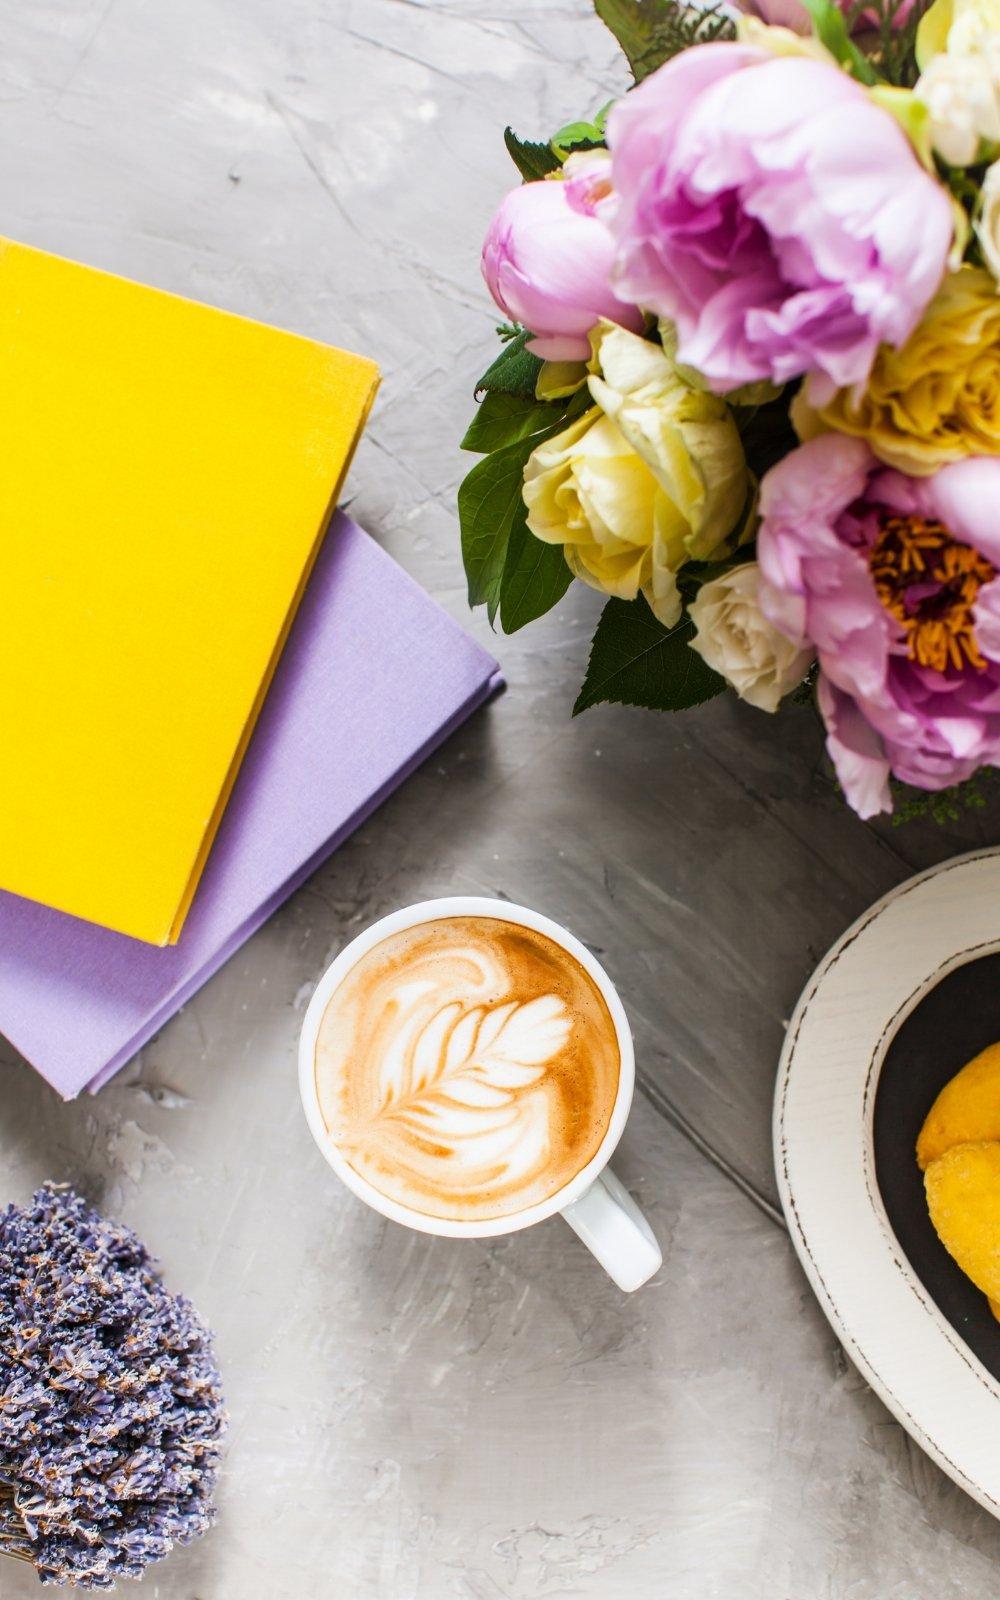 lavender latte, spring in boston ma; spring in boston; spring flowers in boston, ma; spring boston things to do